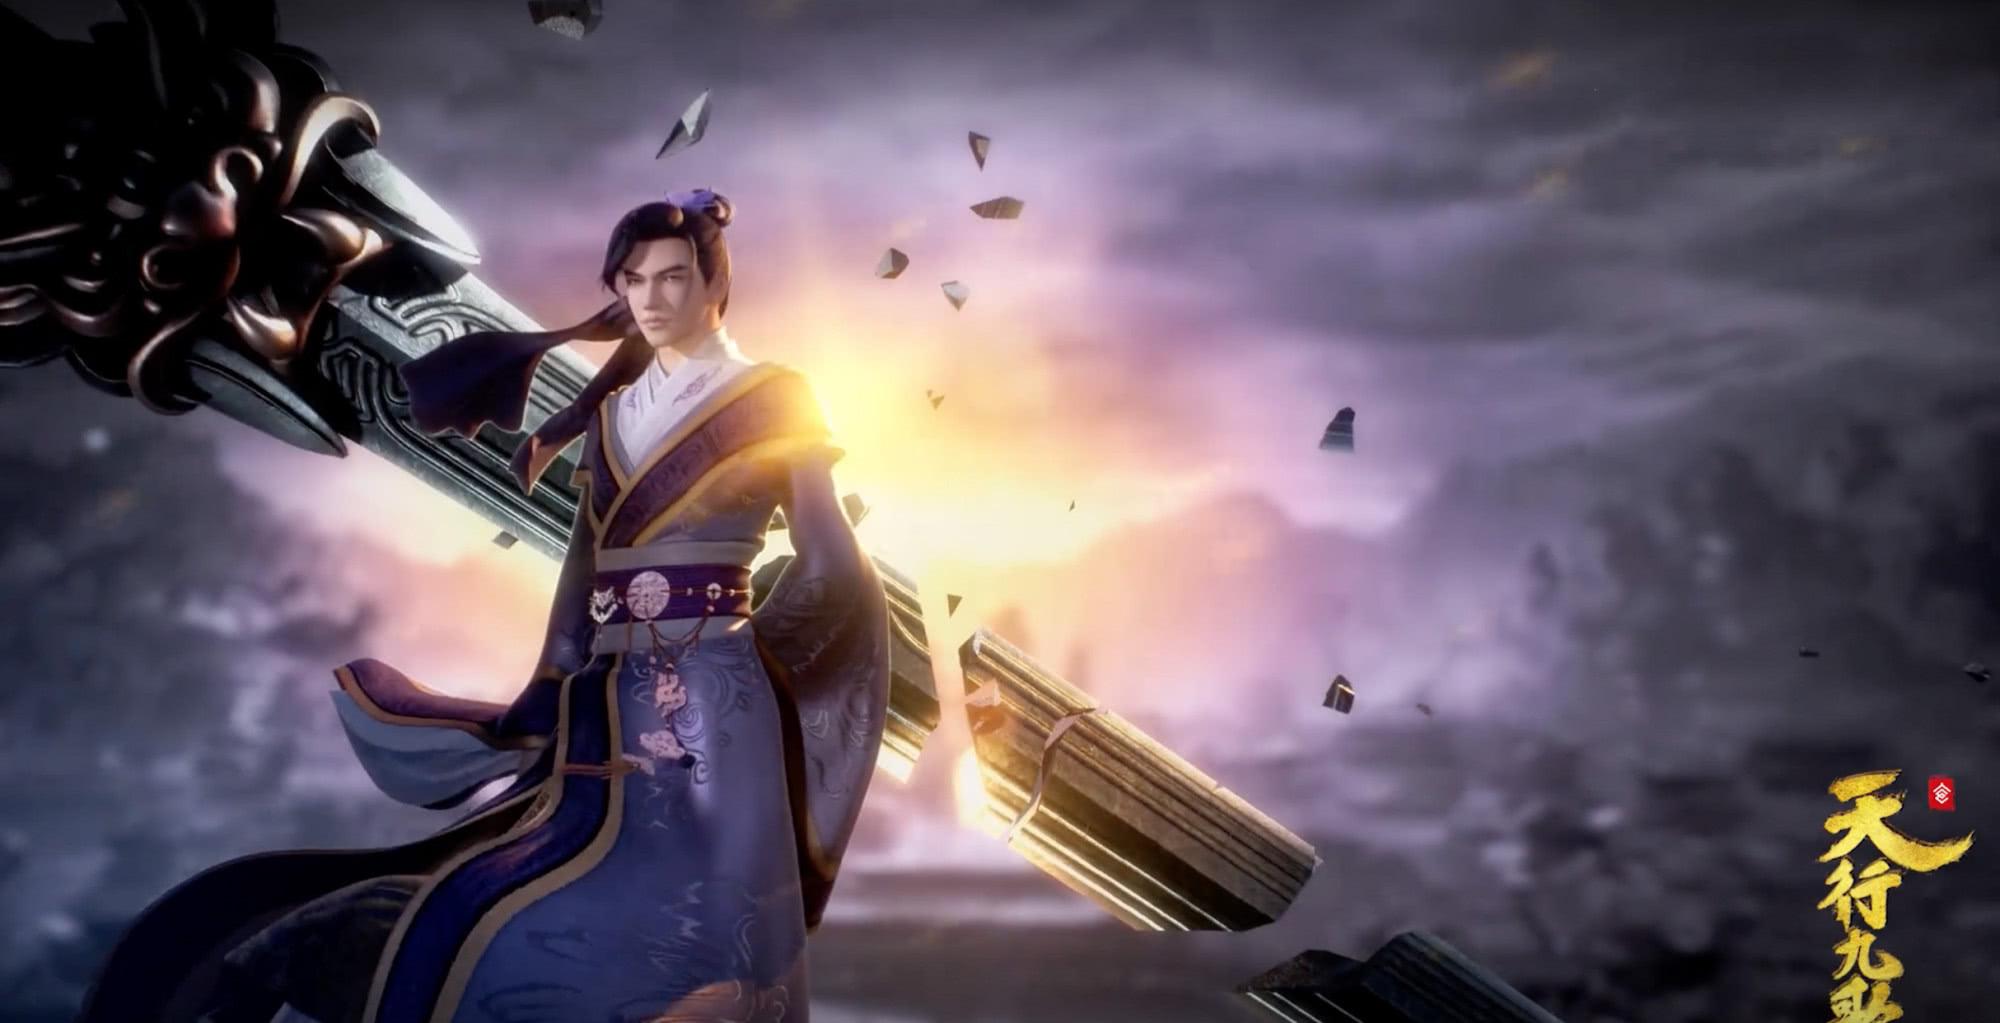 天行九歌官方情报:手持逆鳞剑的韩非,实力比卫庄还要强大